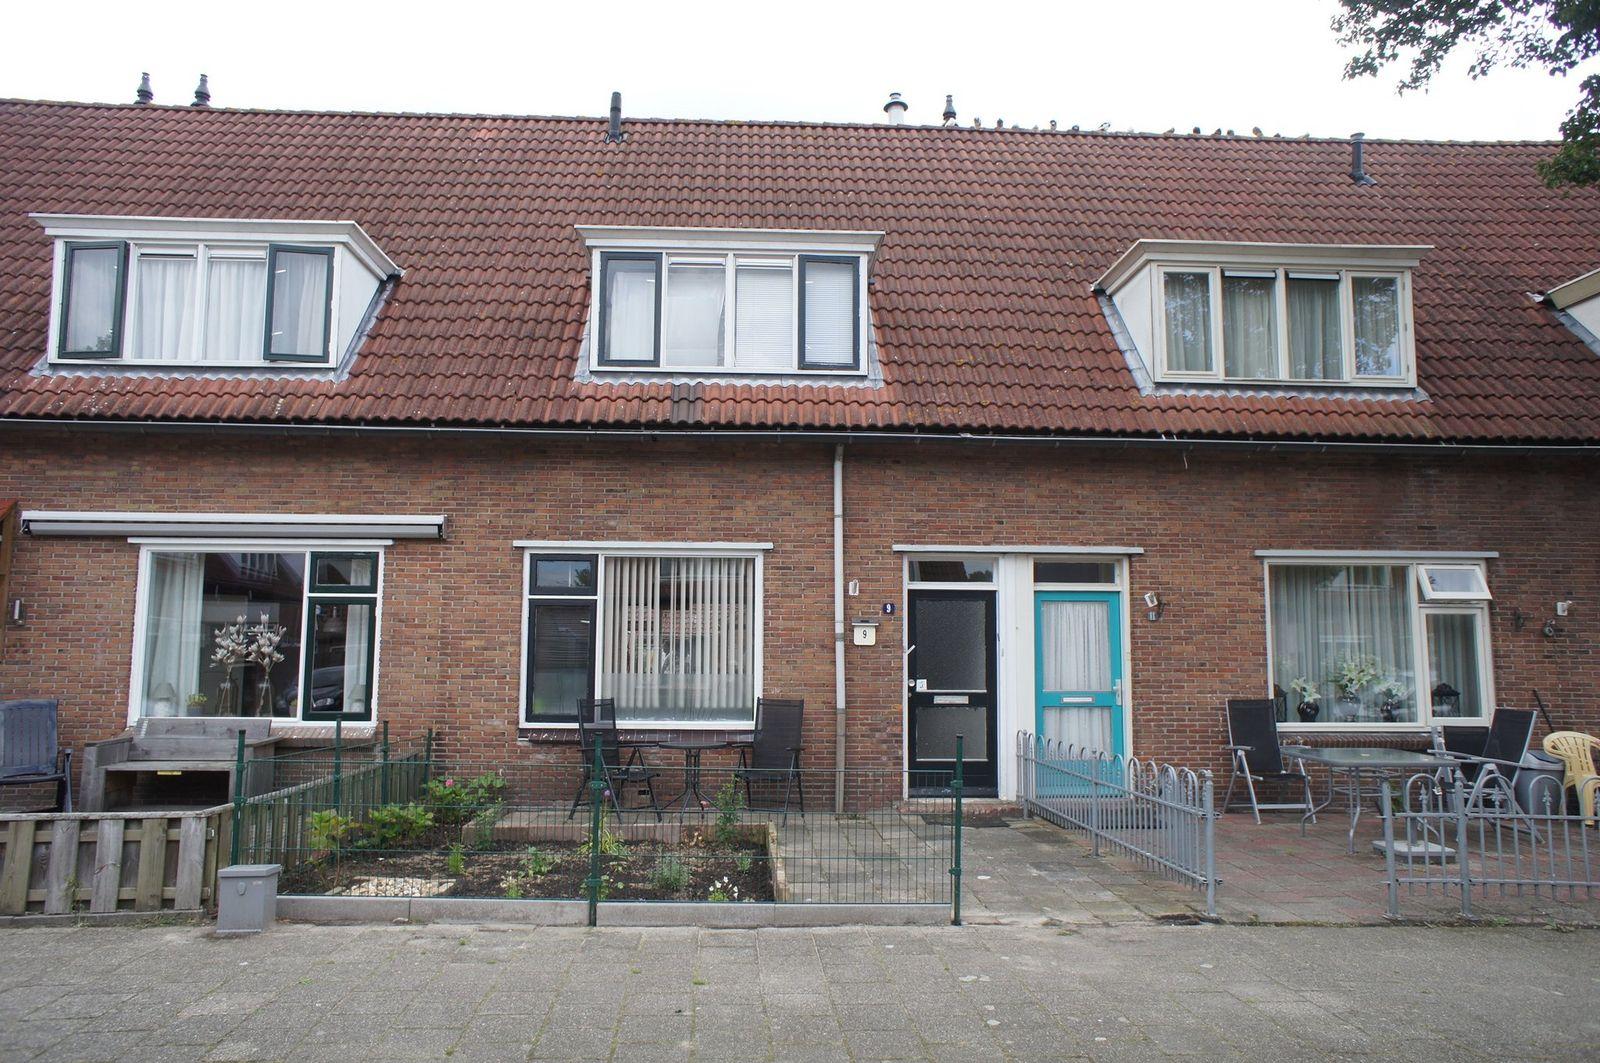 J van der Veenstraat 9, Hoogeveen